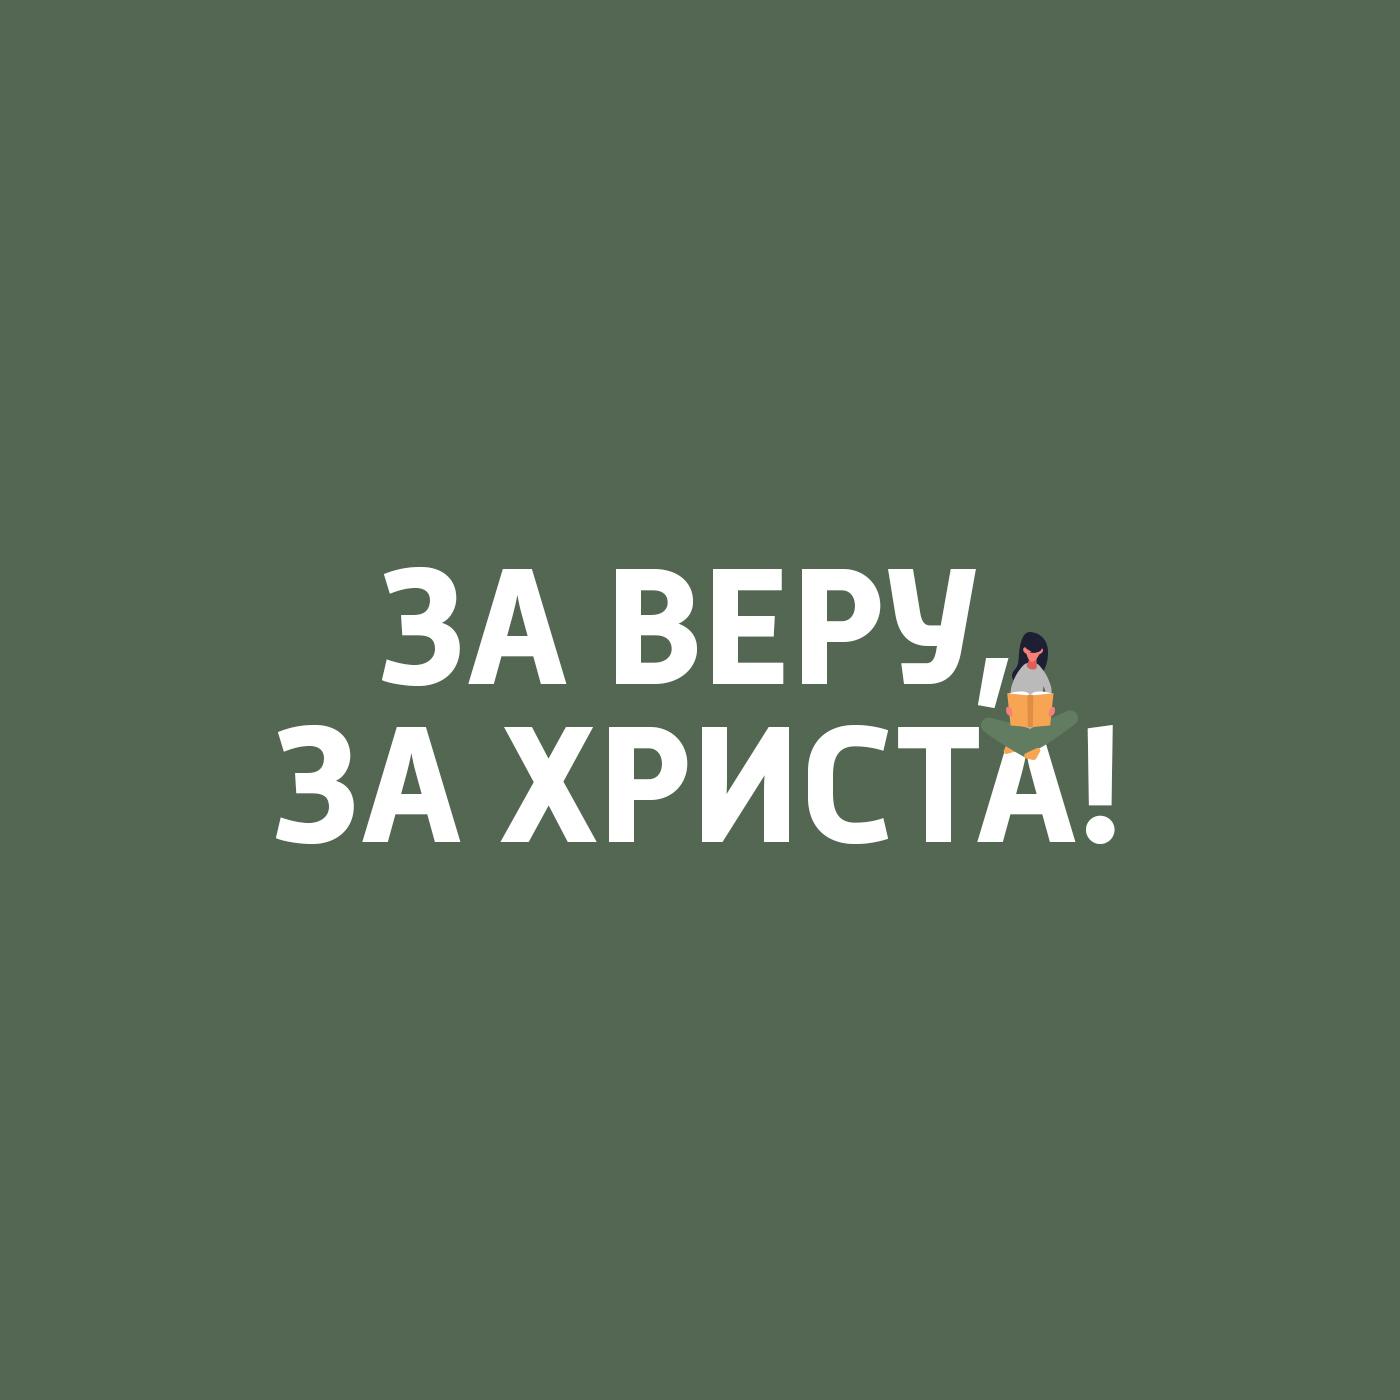 цена на Творческий коллектив шоу «Сергей Стиллавин и его друзья» Четвертый крестовый поход